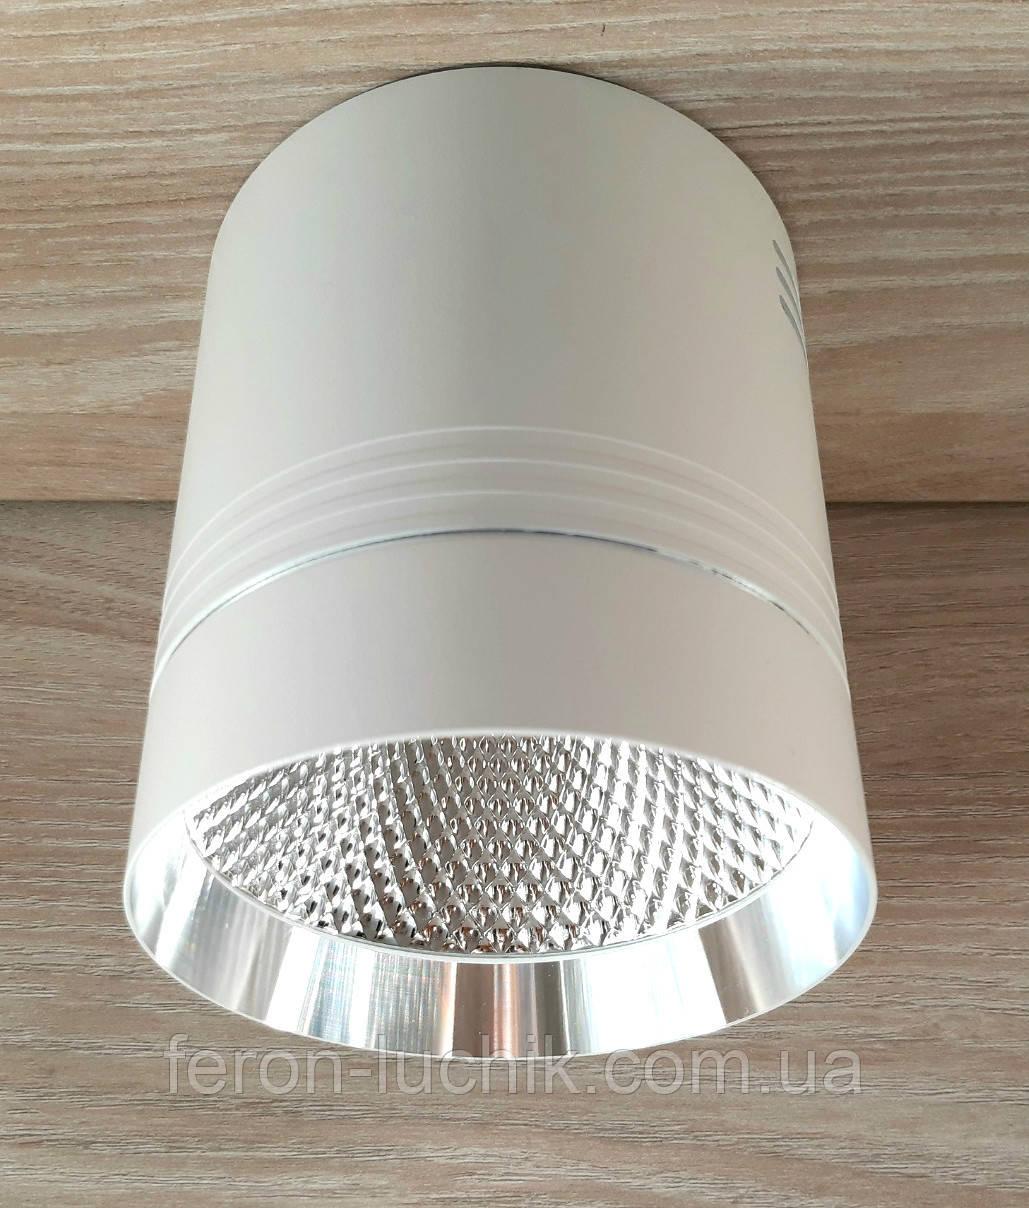 Потолочный светильник LED Feron AL542 18W 4000K 1530Lm точечный накладной светодиодный белый+серебро